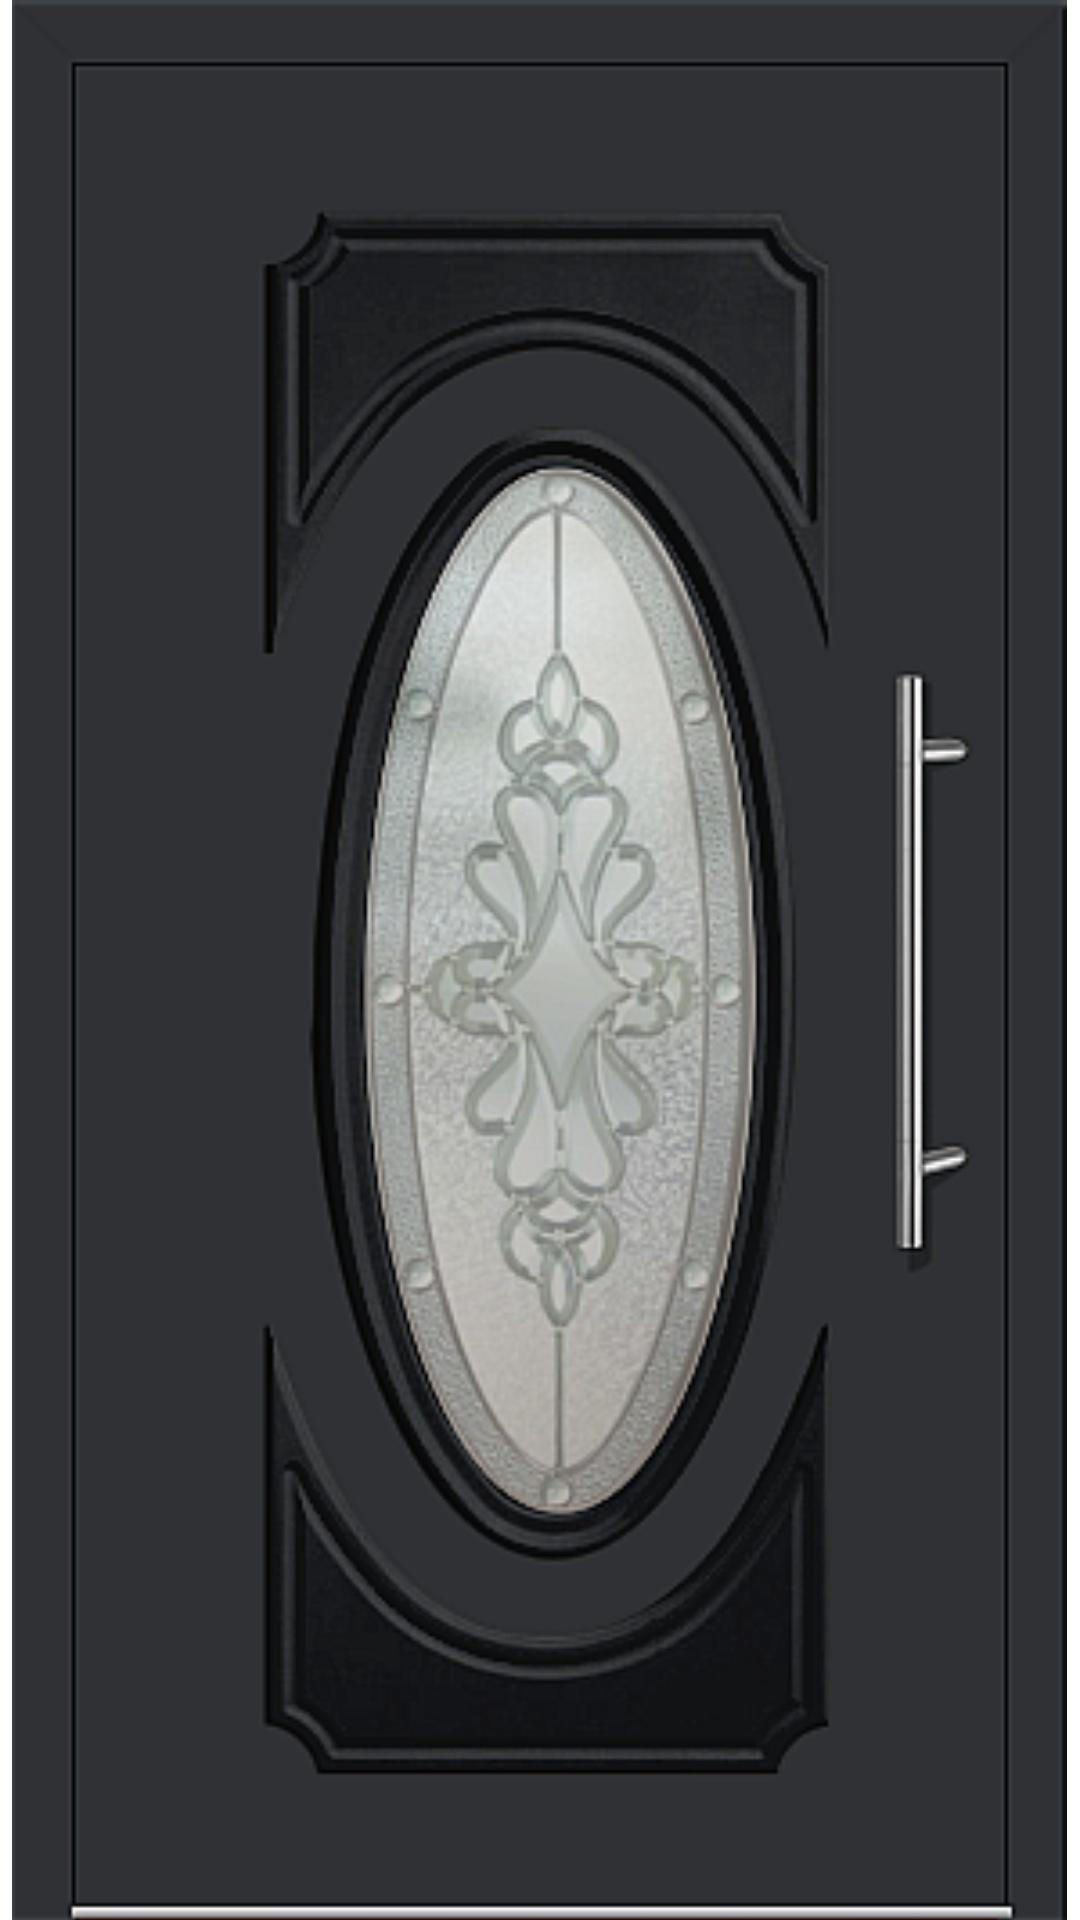 Kunststoff Haustür Modell 331-11 schwarz